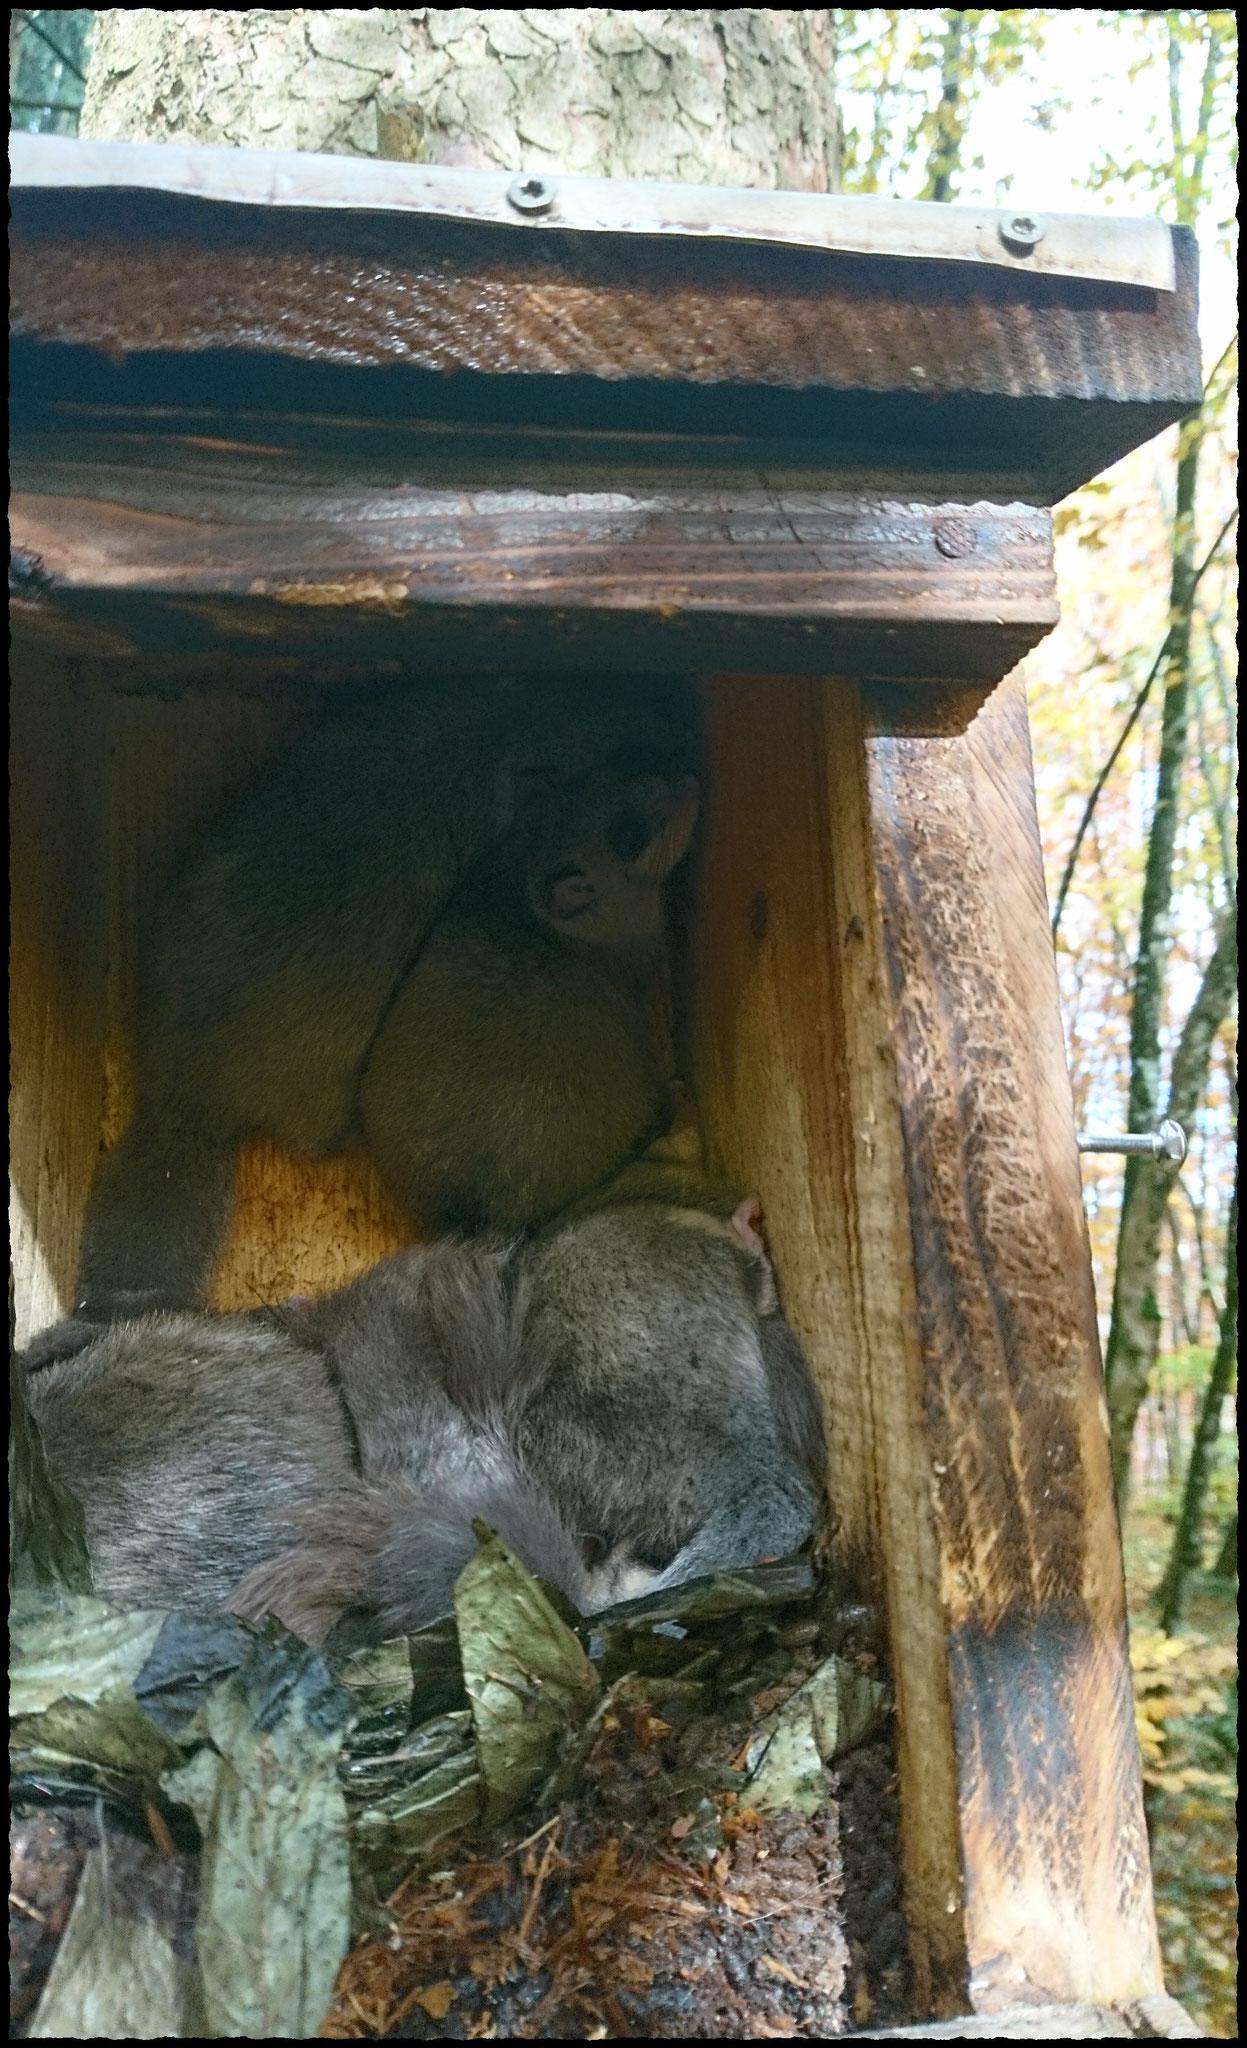 mindestens 4 junge Siebenschläfer. Zu erkennen ist der Nest-Überbau mit Laubblättern.